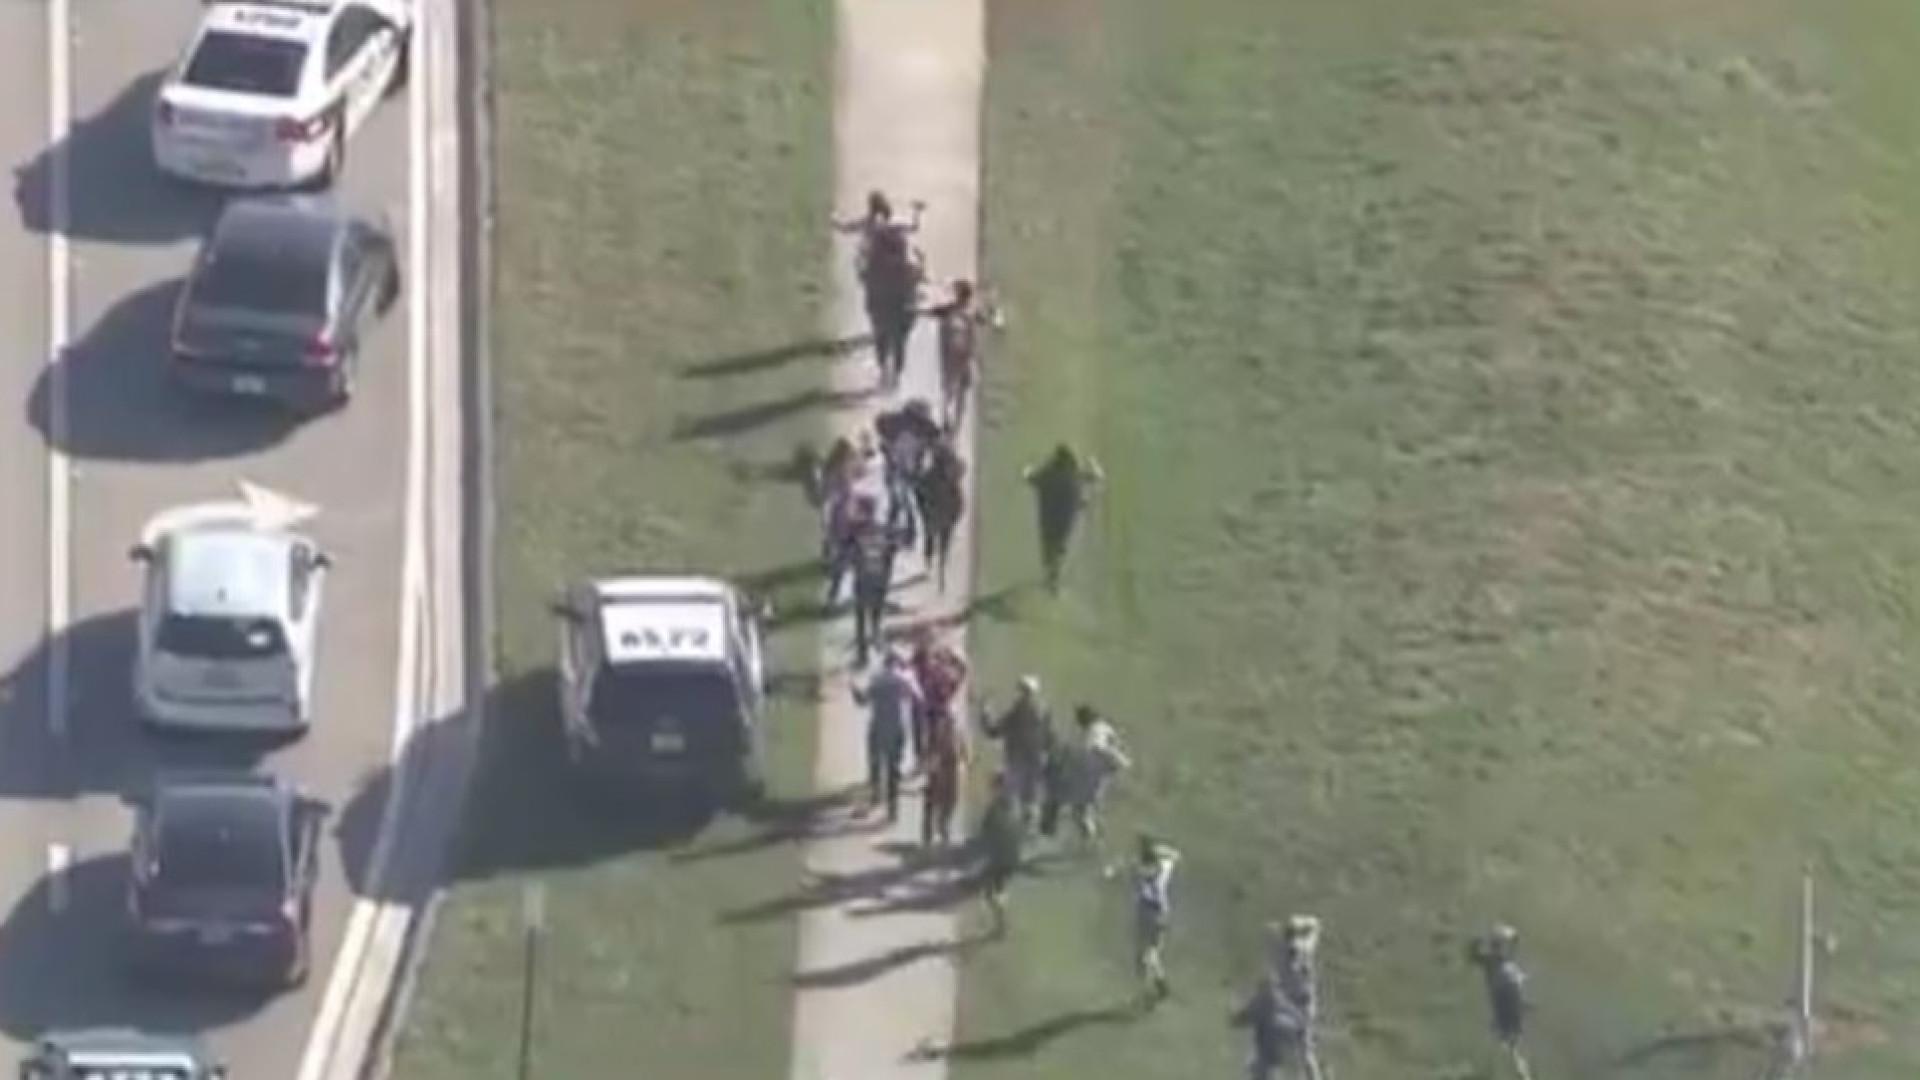 Alunos do liceu alvo de tiroteio na Florida pensavam ser simulacro